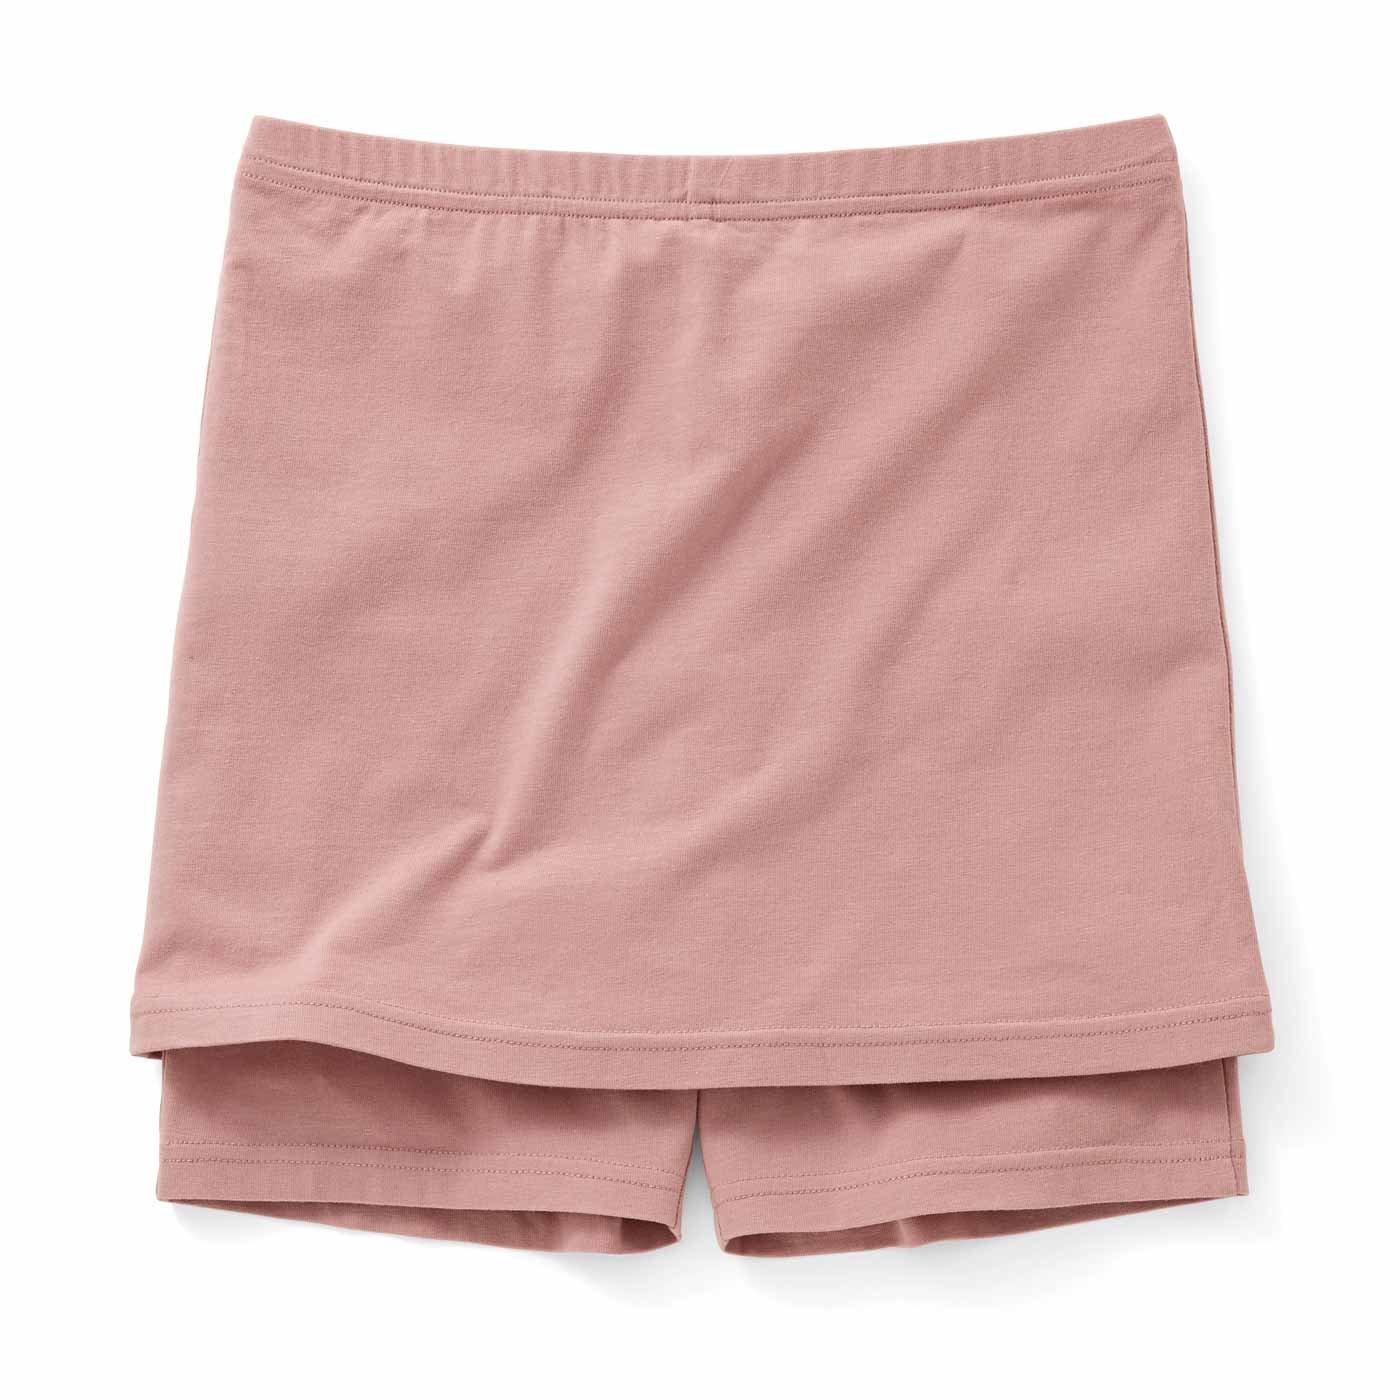 またのY字ラインをカバー スカート決まる ペチコート付きオーバーパンツの会